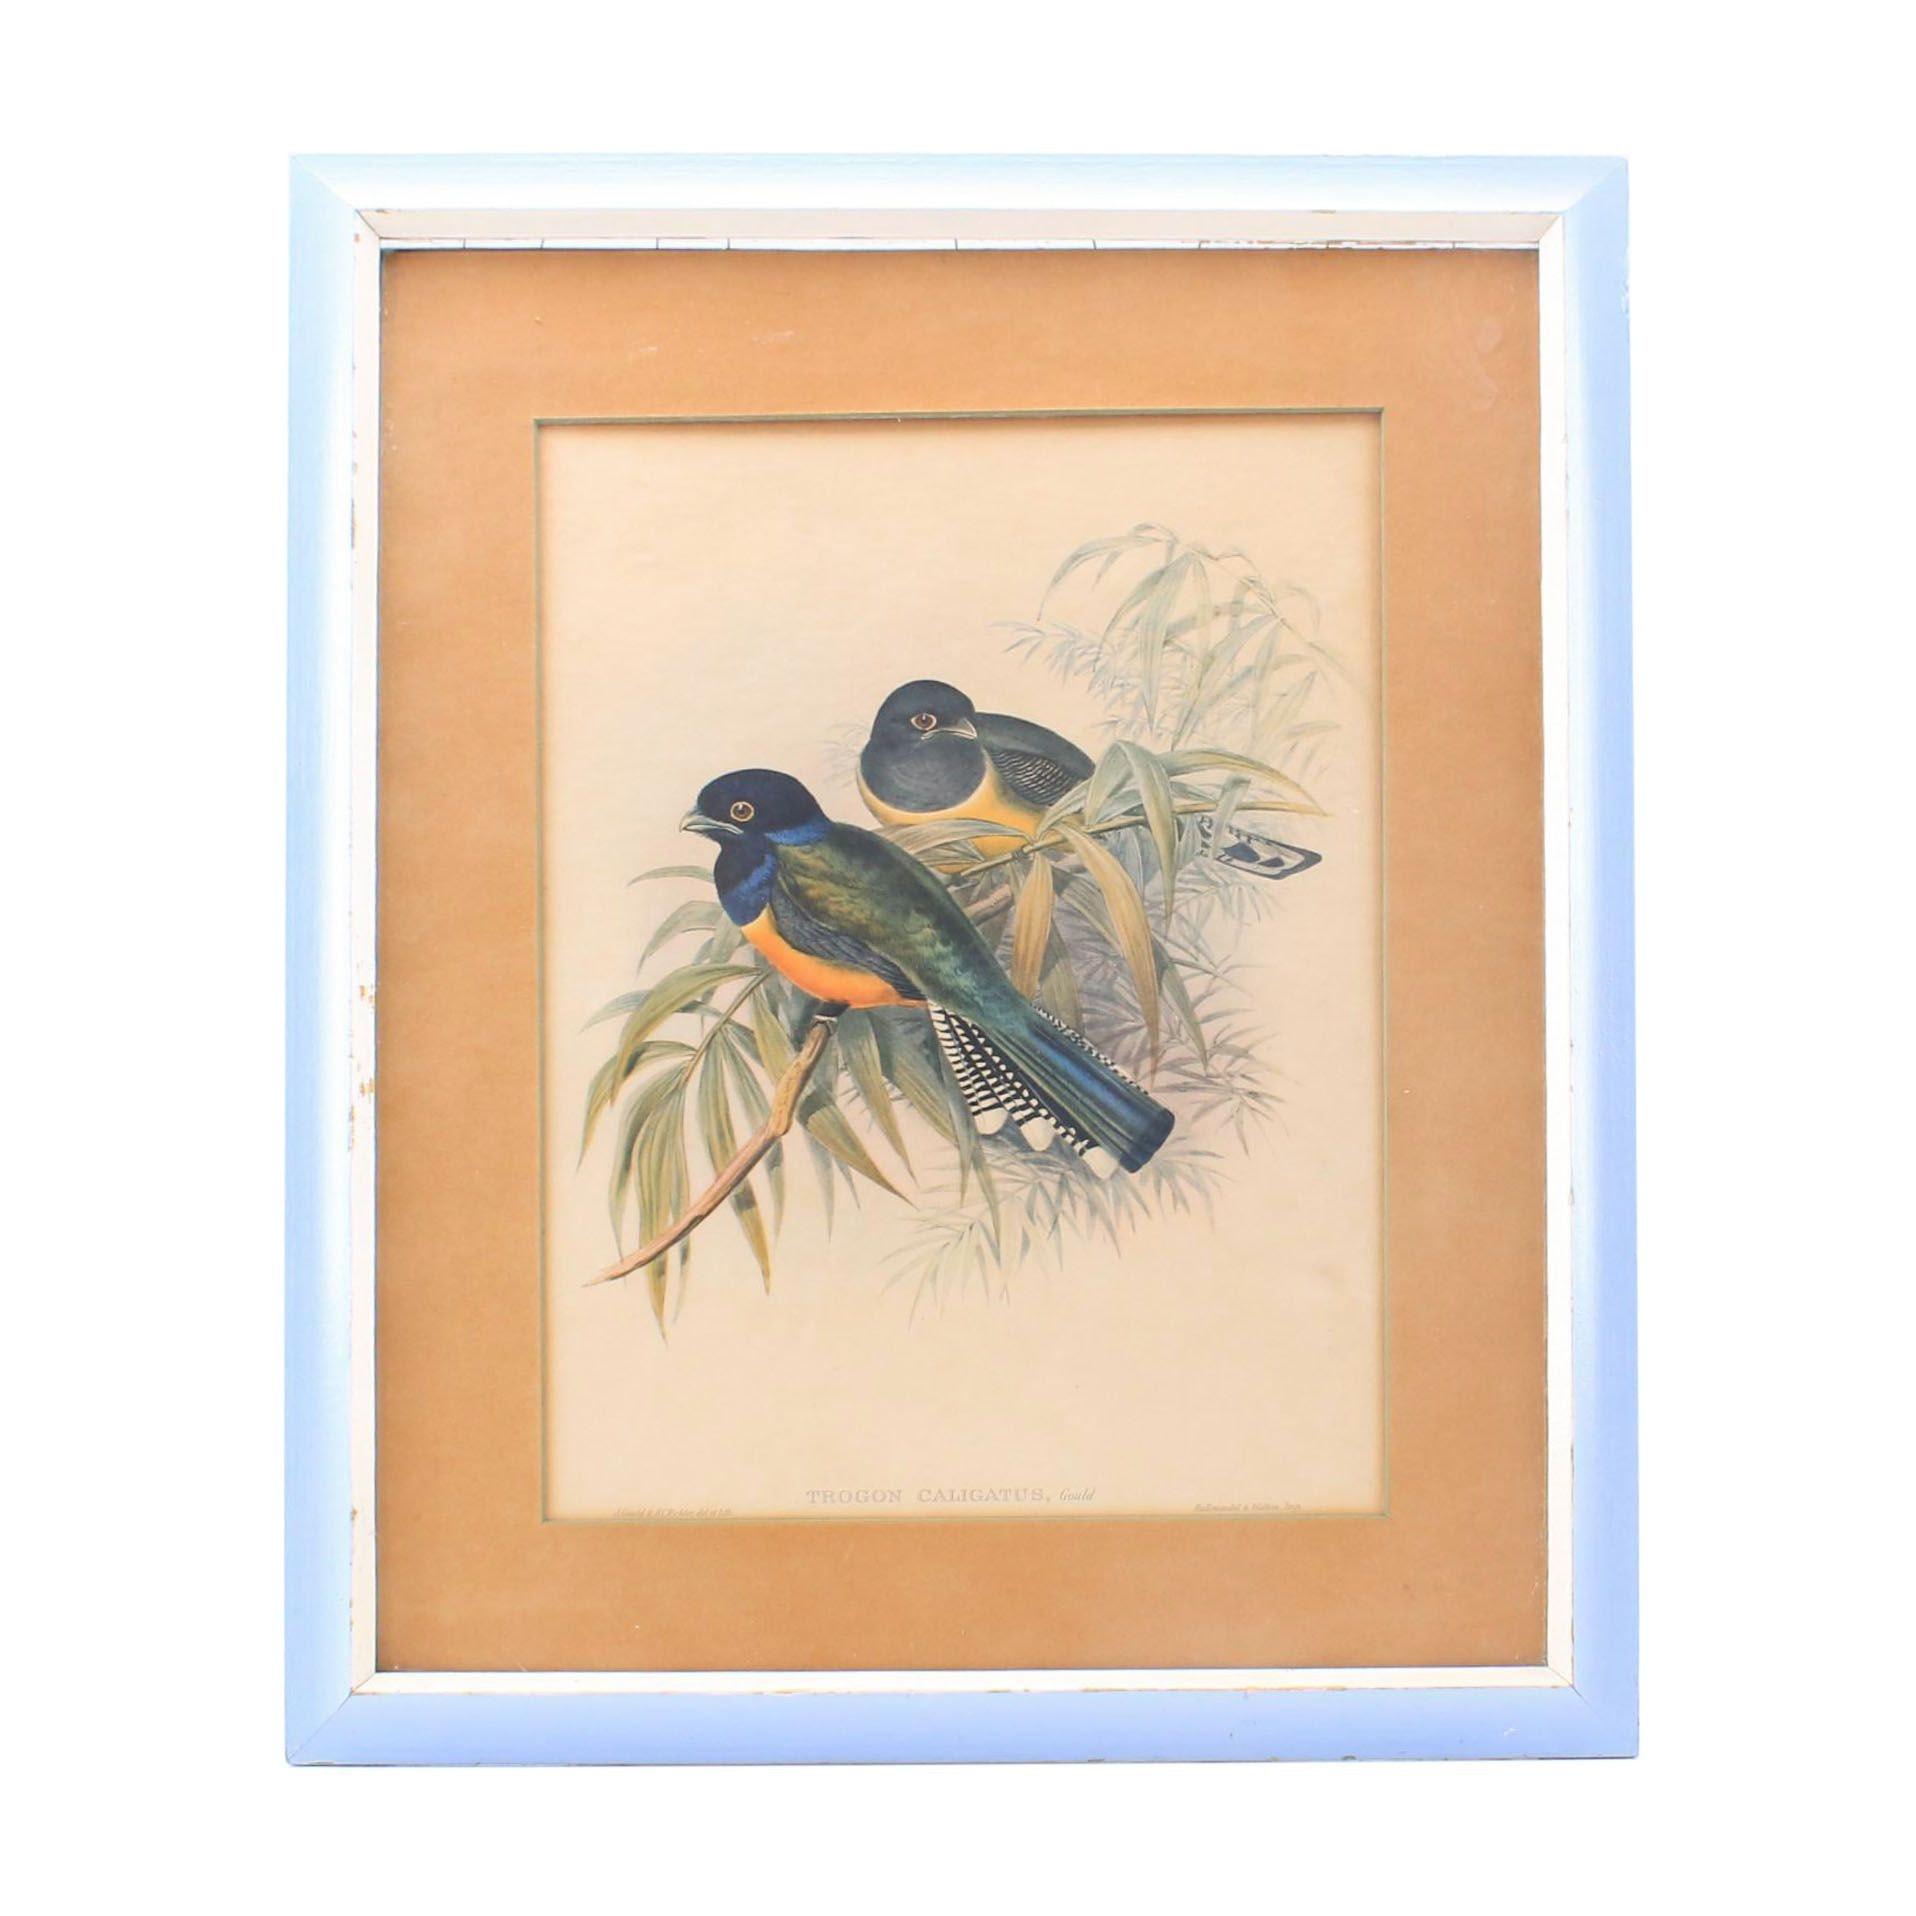 """J. Gould & C. Richter Color Lithograph """"Trogon Caligatus"""""""